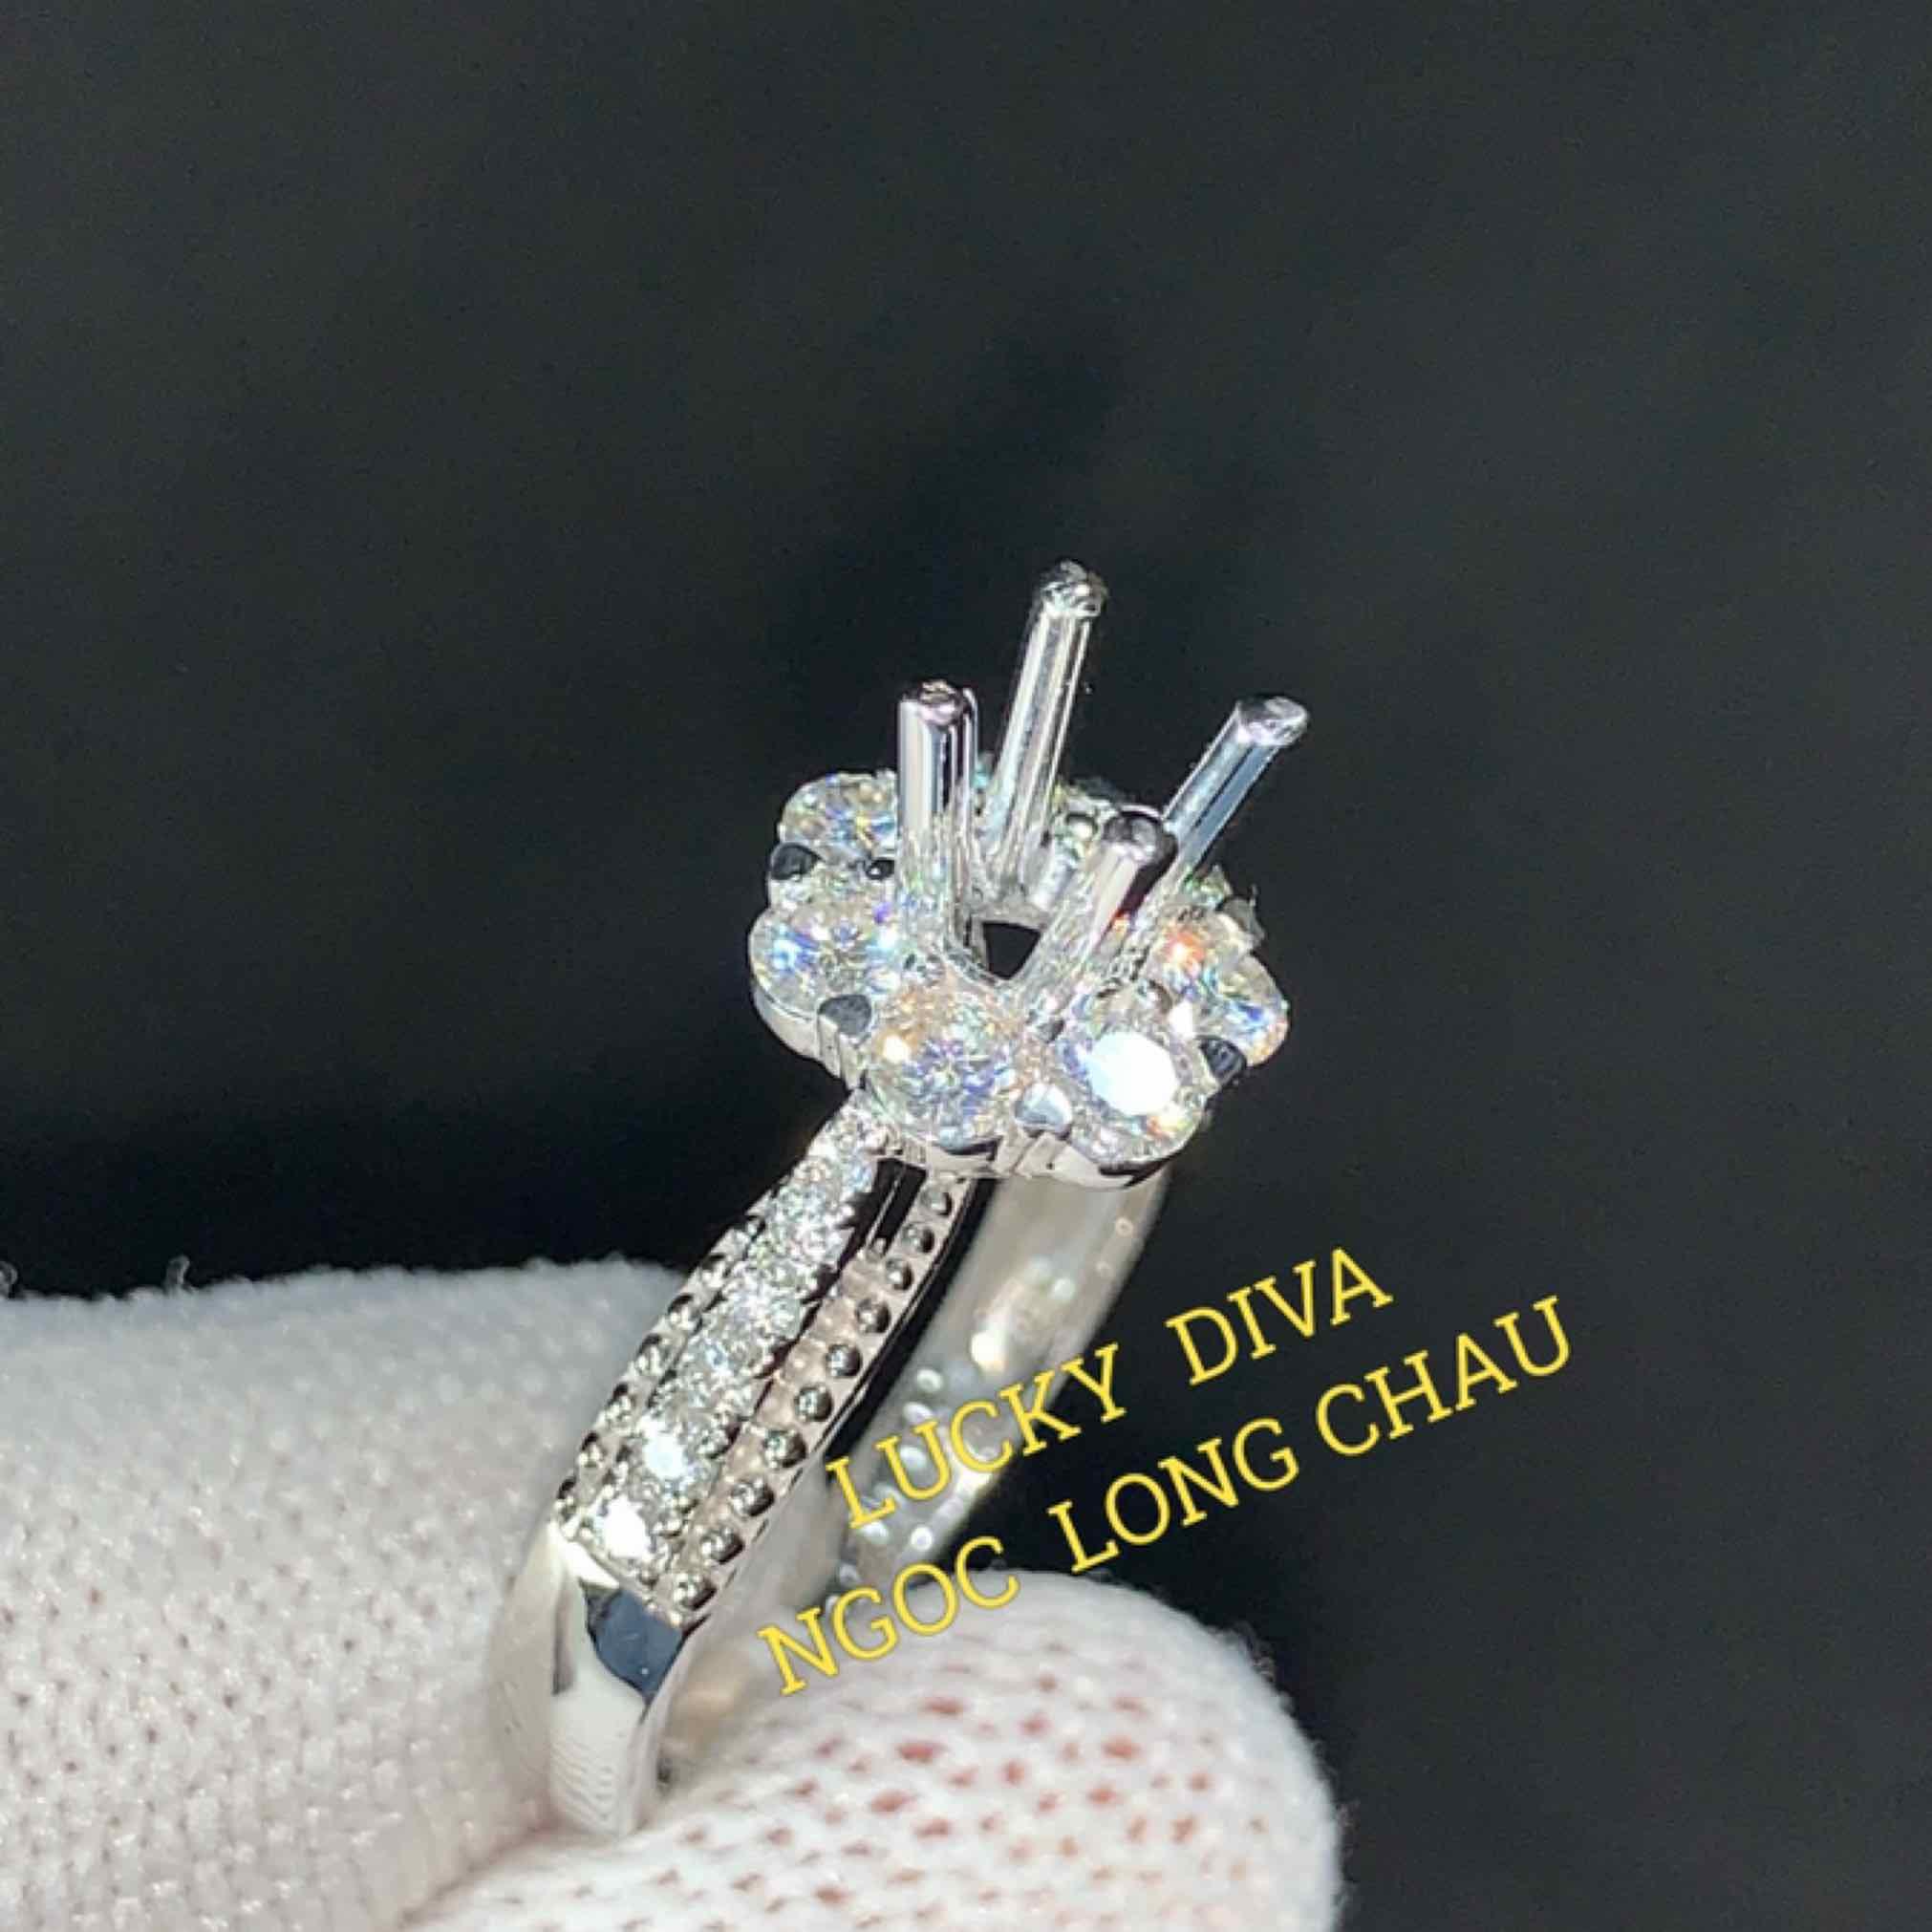 Ngọc Long Châu Diamond Lucky Diva New